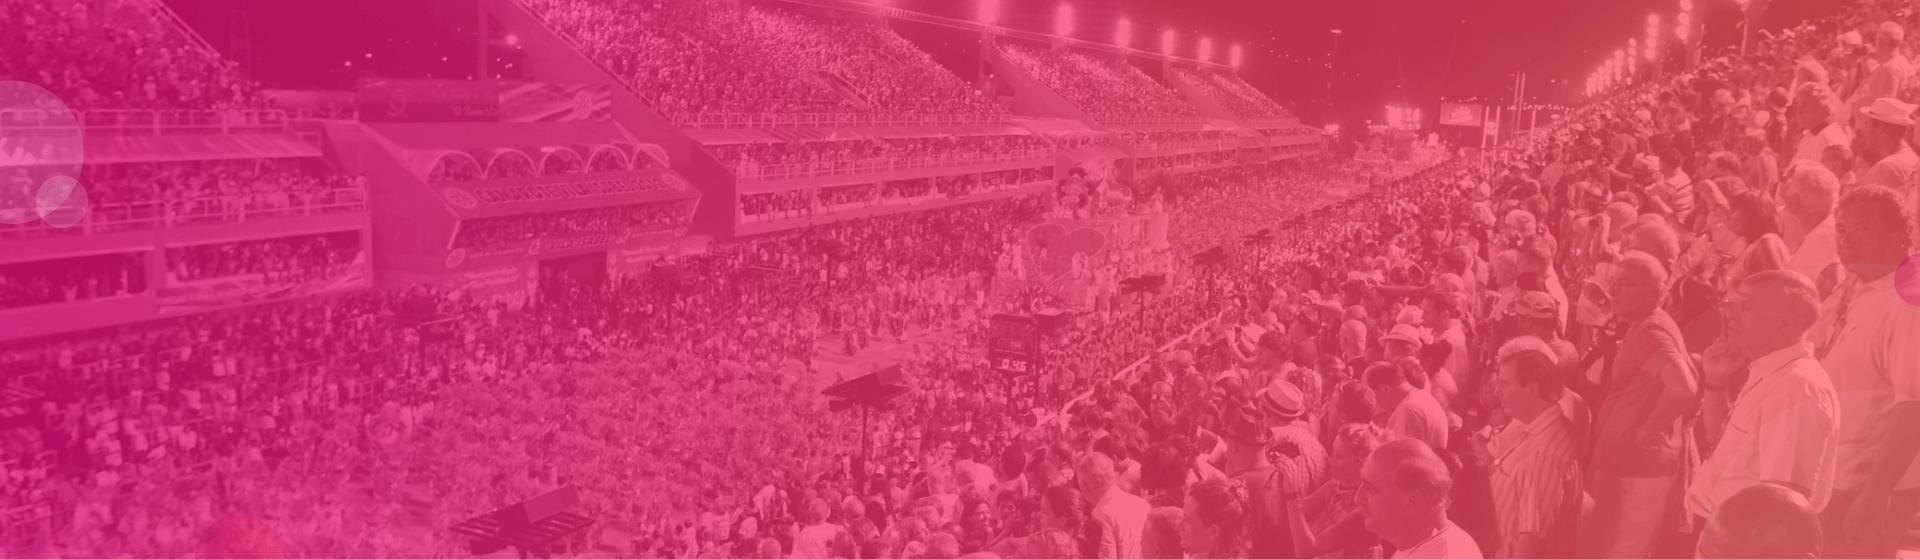 Les Billets pour la Parade Samba du Carnaval Brésilien